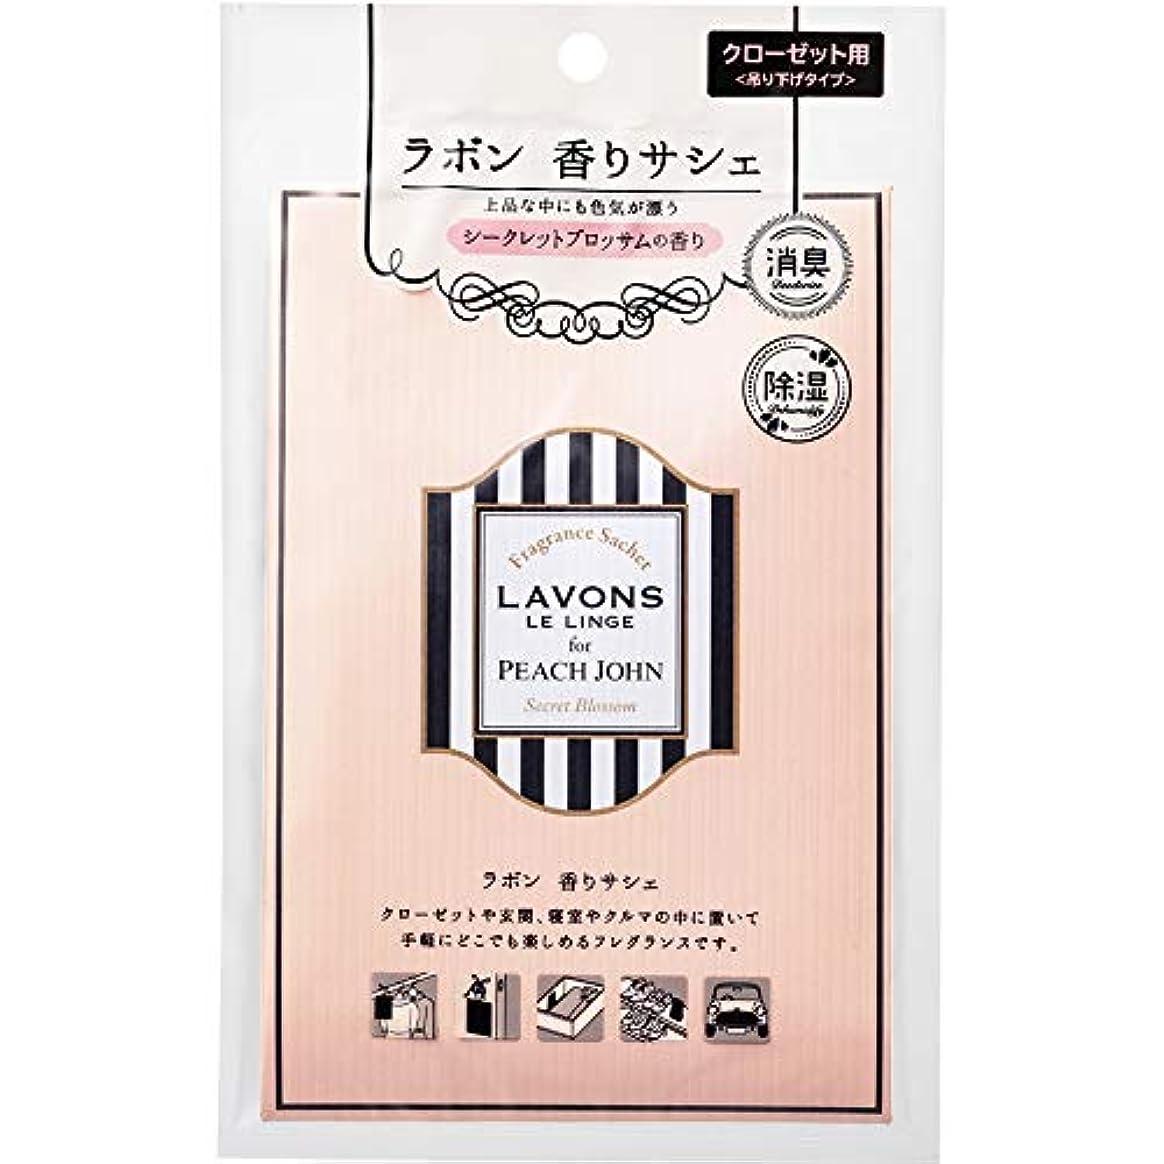 ご意見キャッシュ小間ラボン for PEACH JOHN 香りサシェ (香り袋) シークレットブロッサムの香り 20g